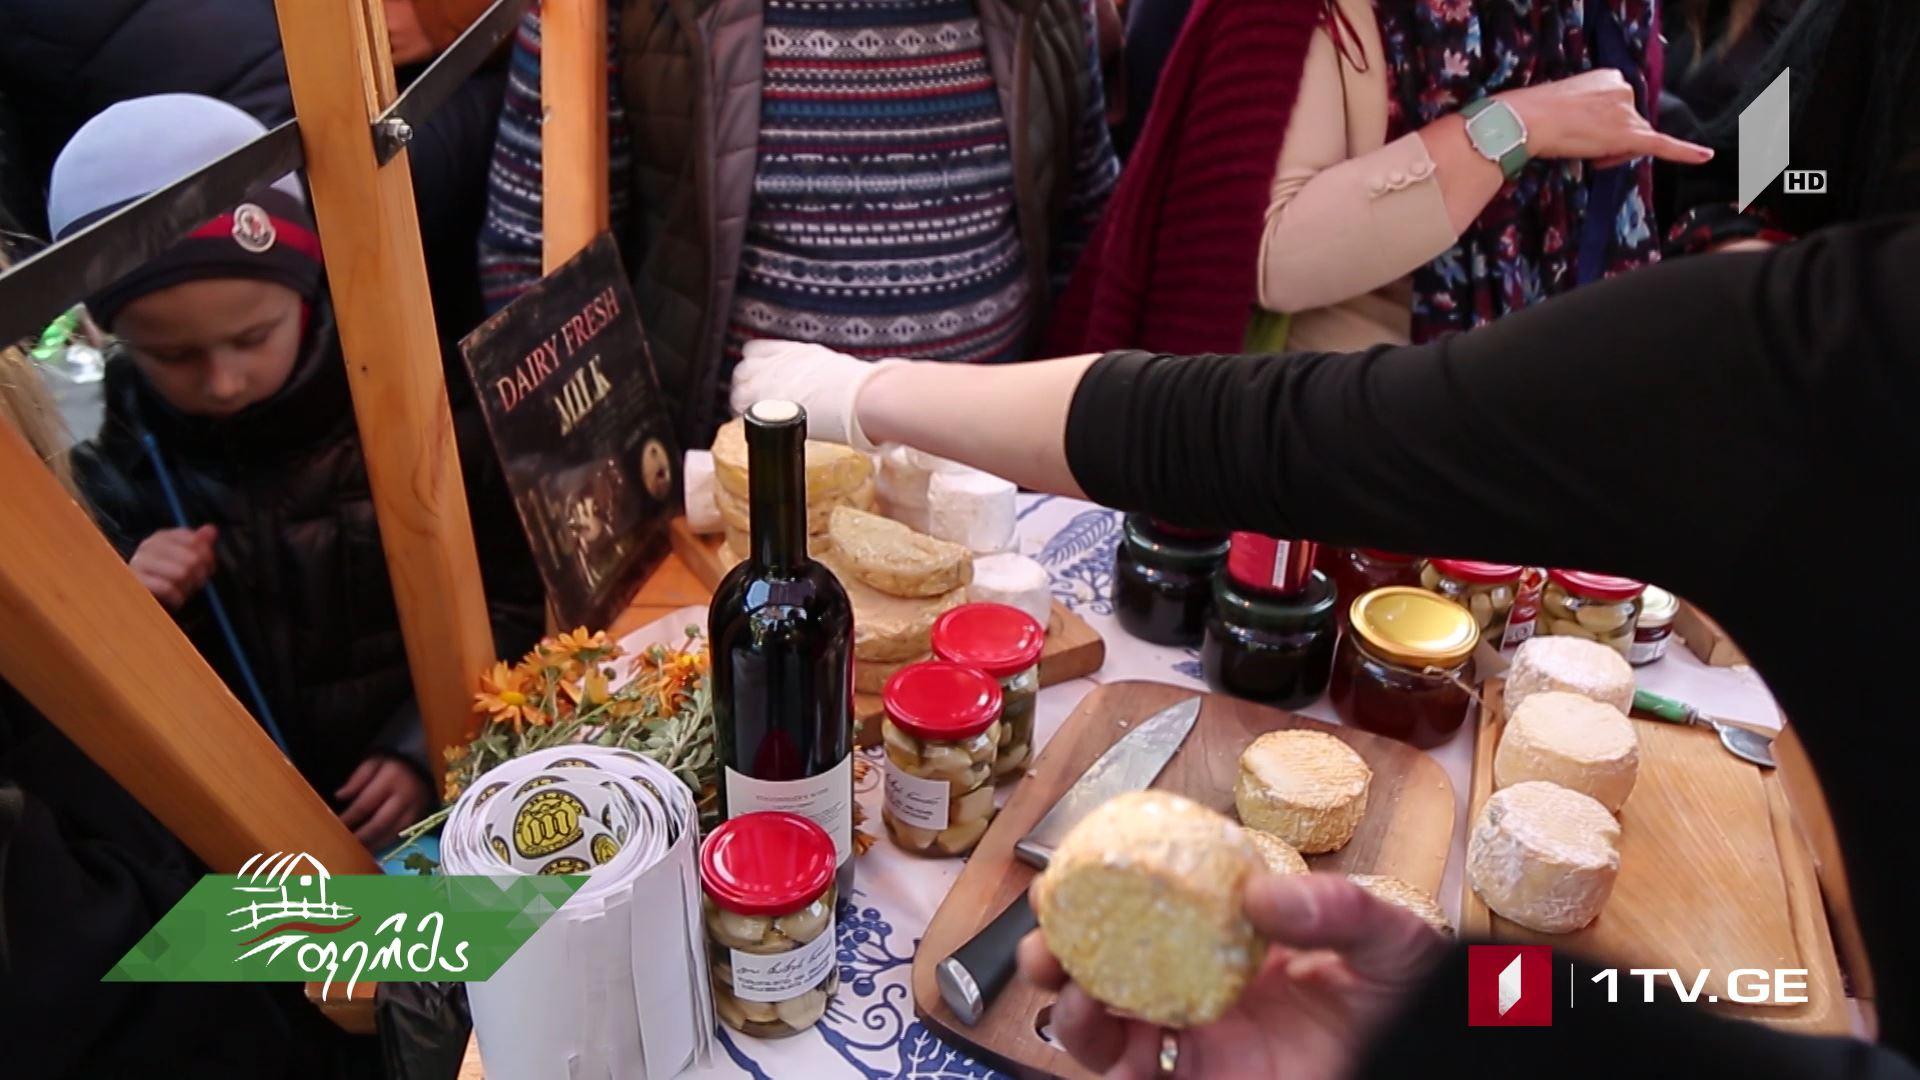 #გაიგემეტი ღვინისა და ყველის ფესტივალი თბილისში